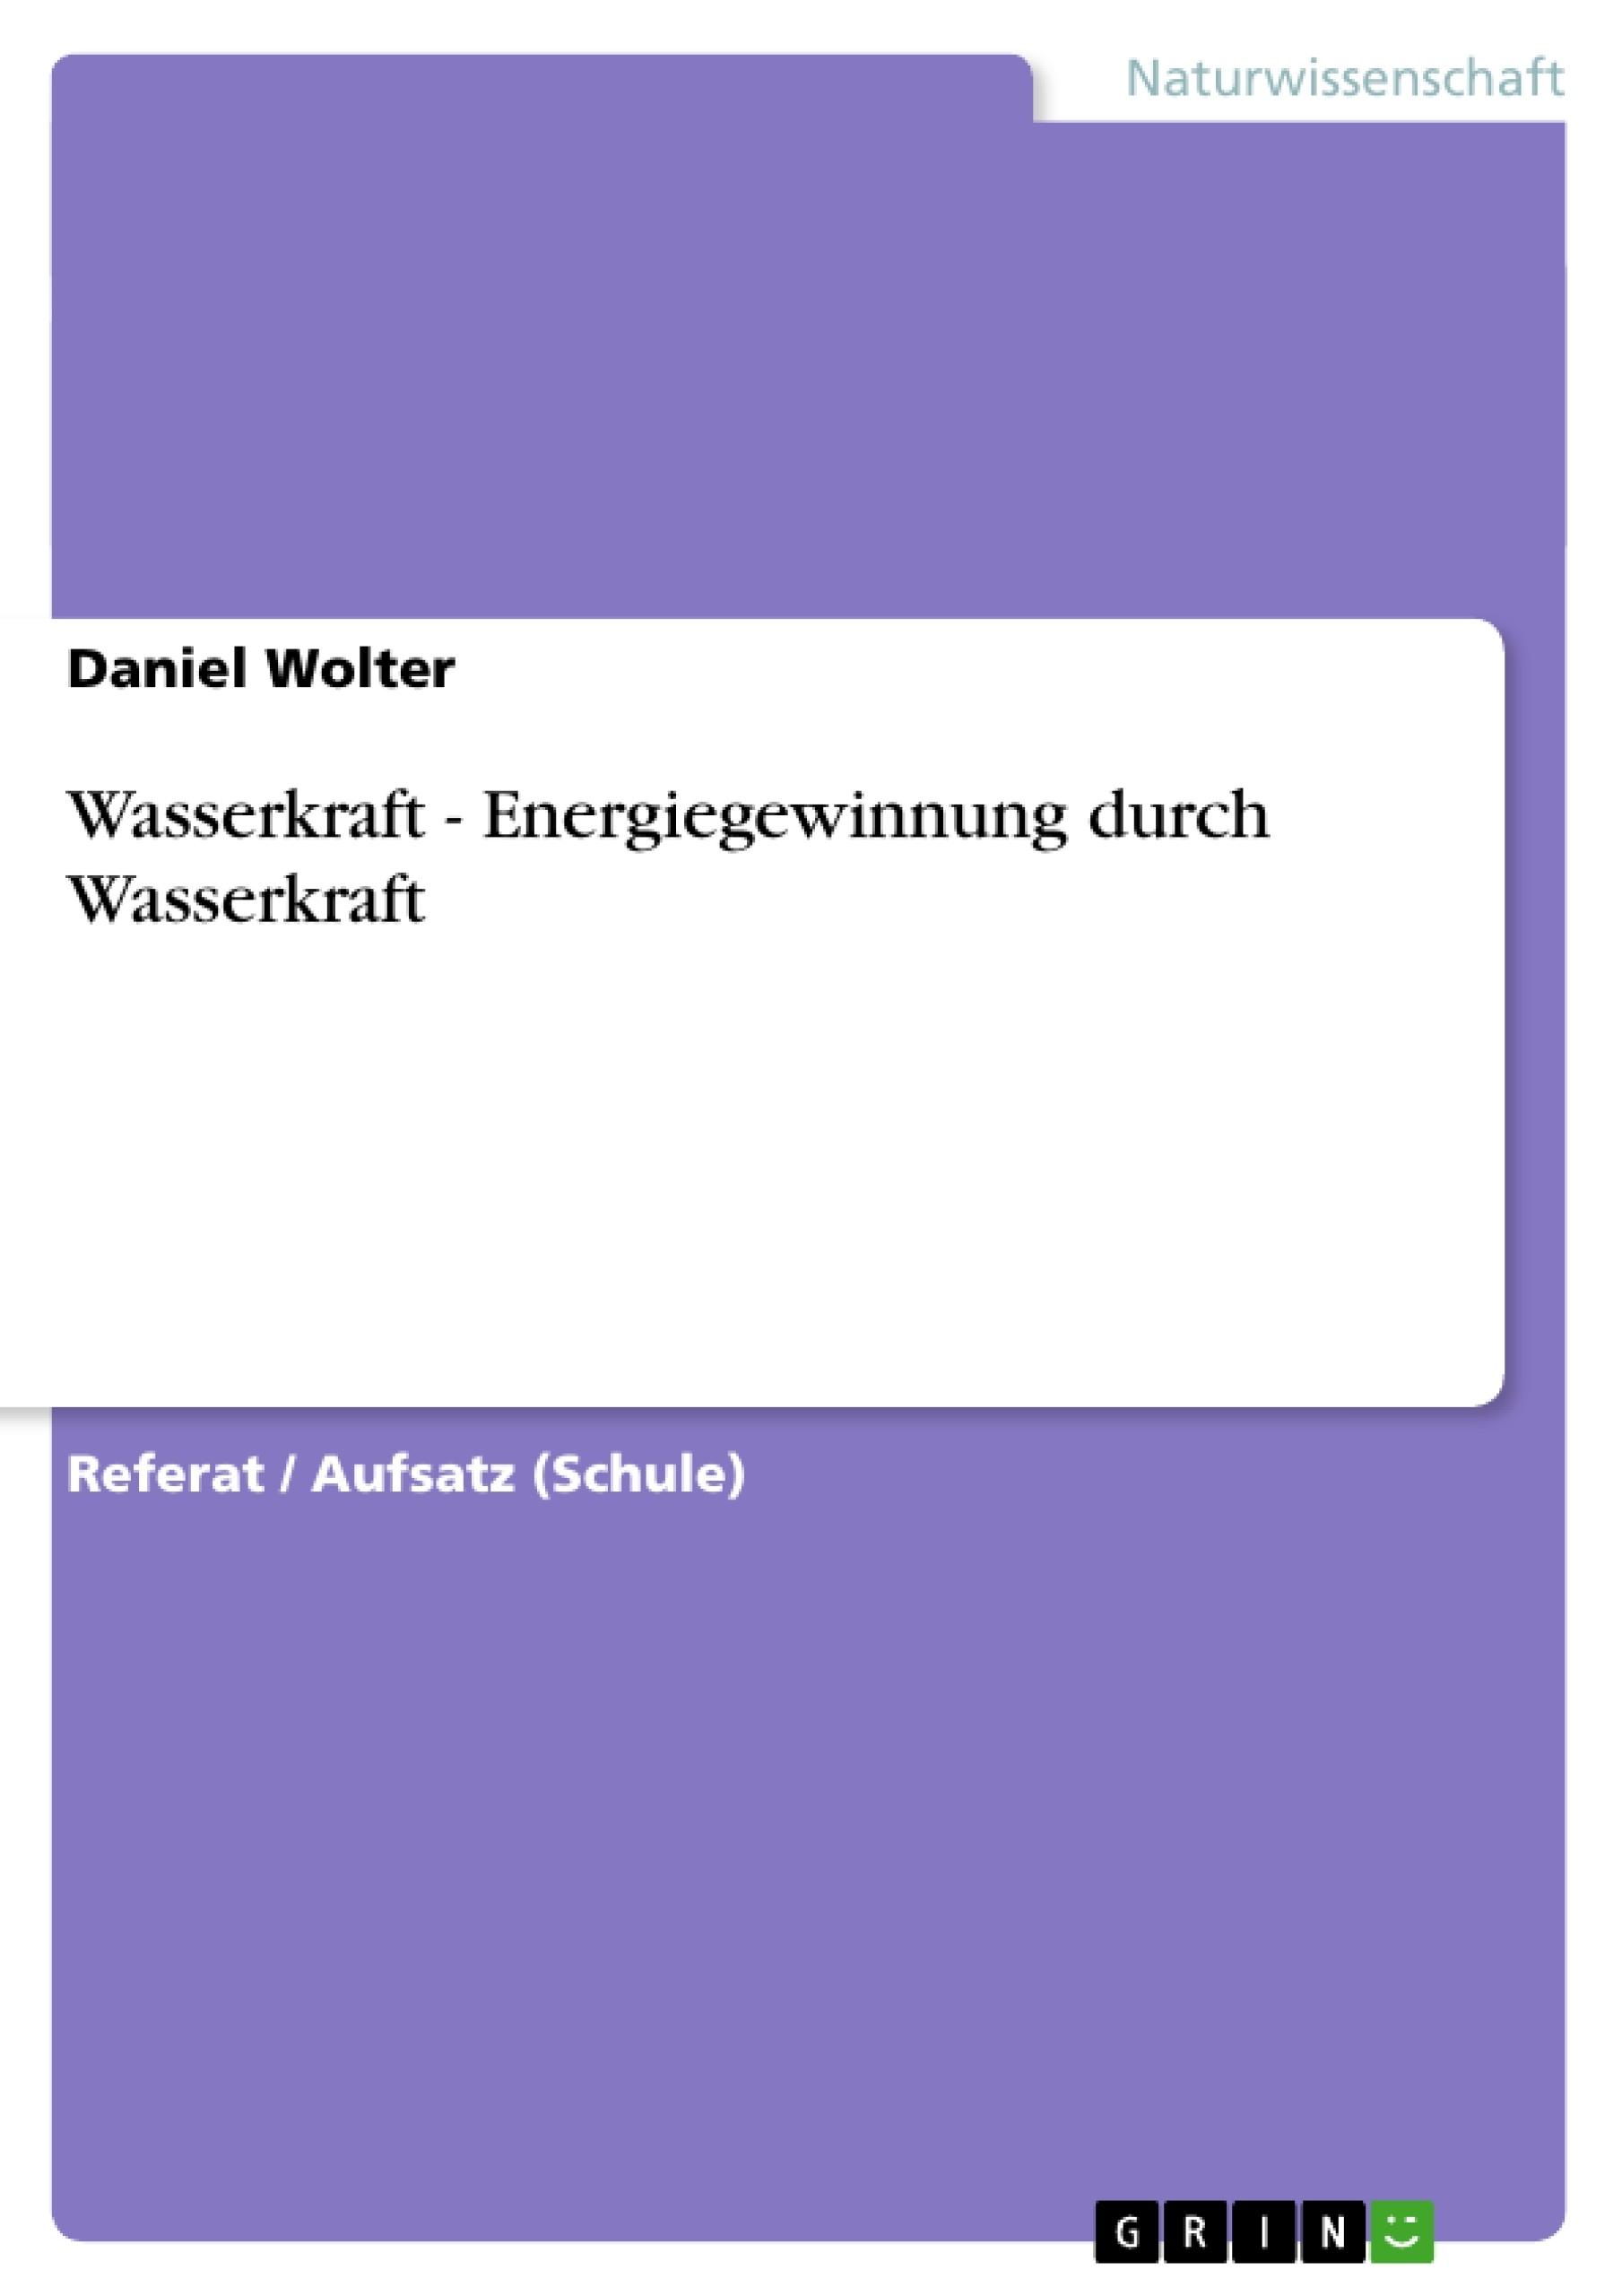 Titel: Wasserkraft - Energiegewinnung durch Wasserkraft